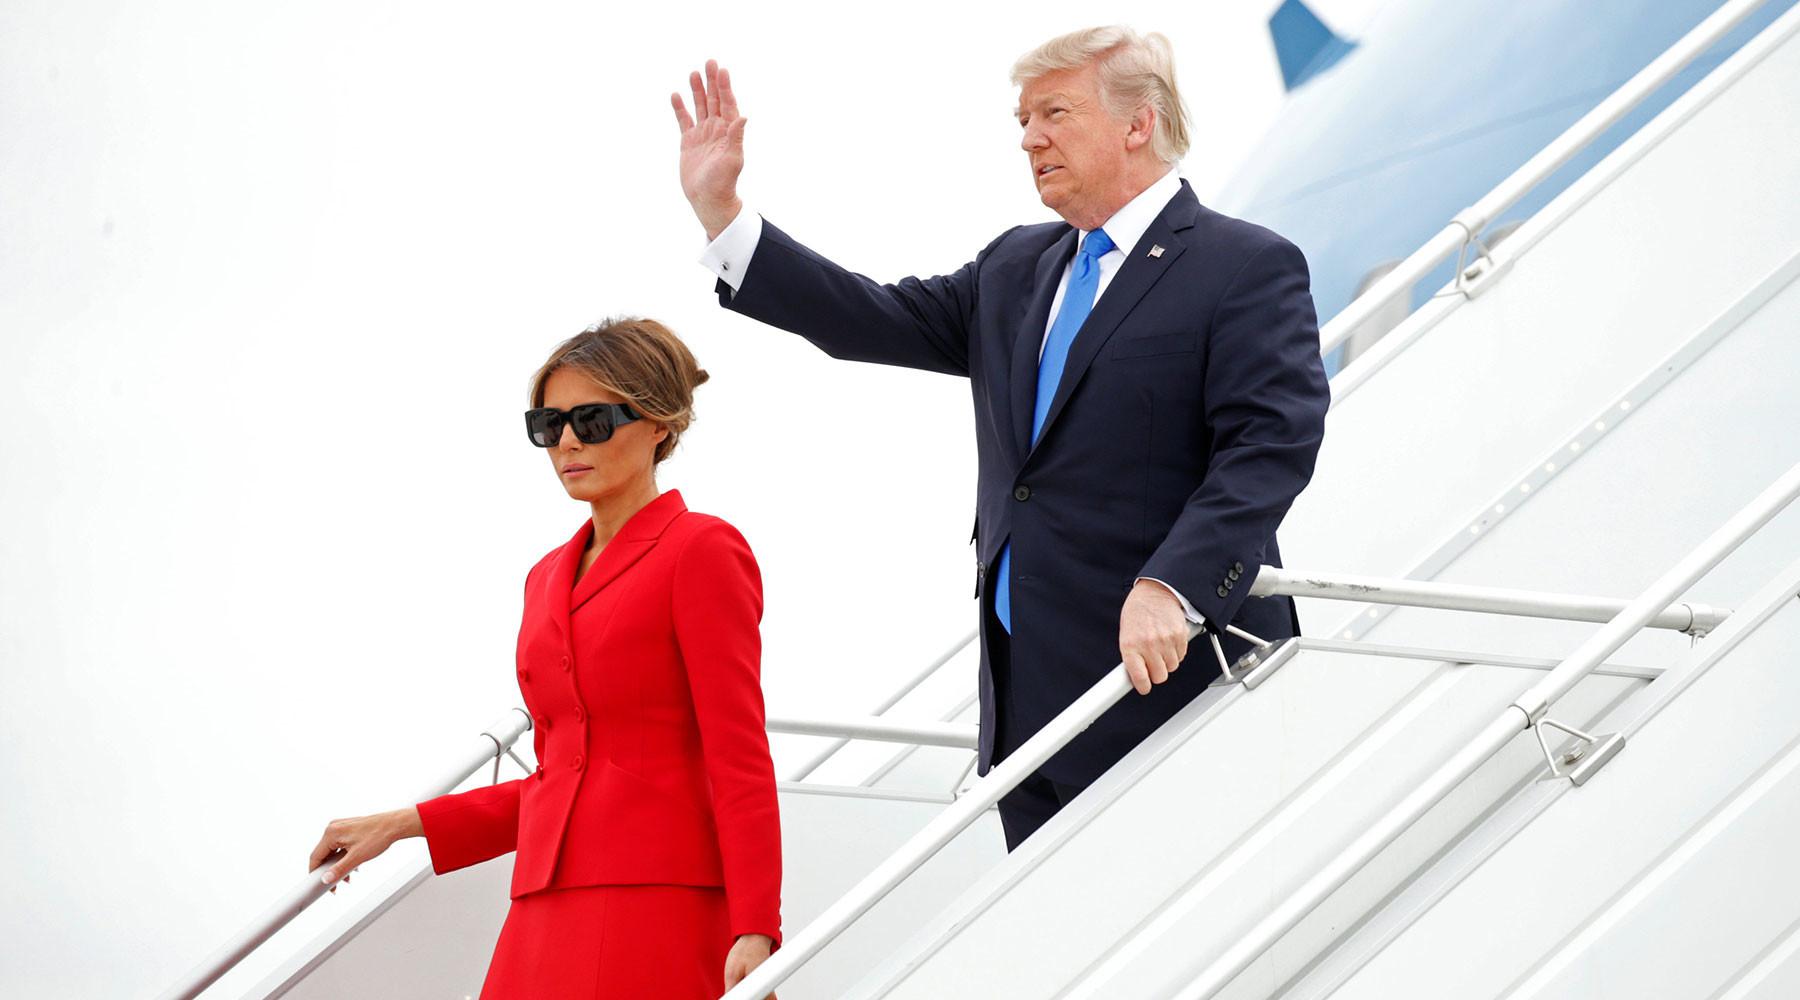 Что стоит за визитом Дональда Трампа во Францию?»